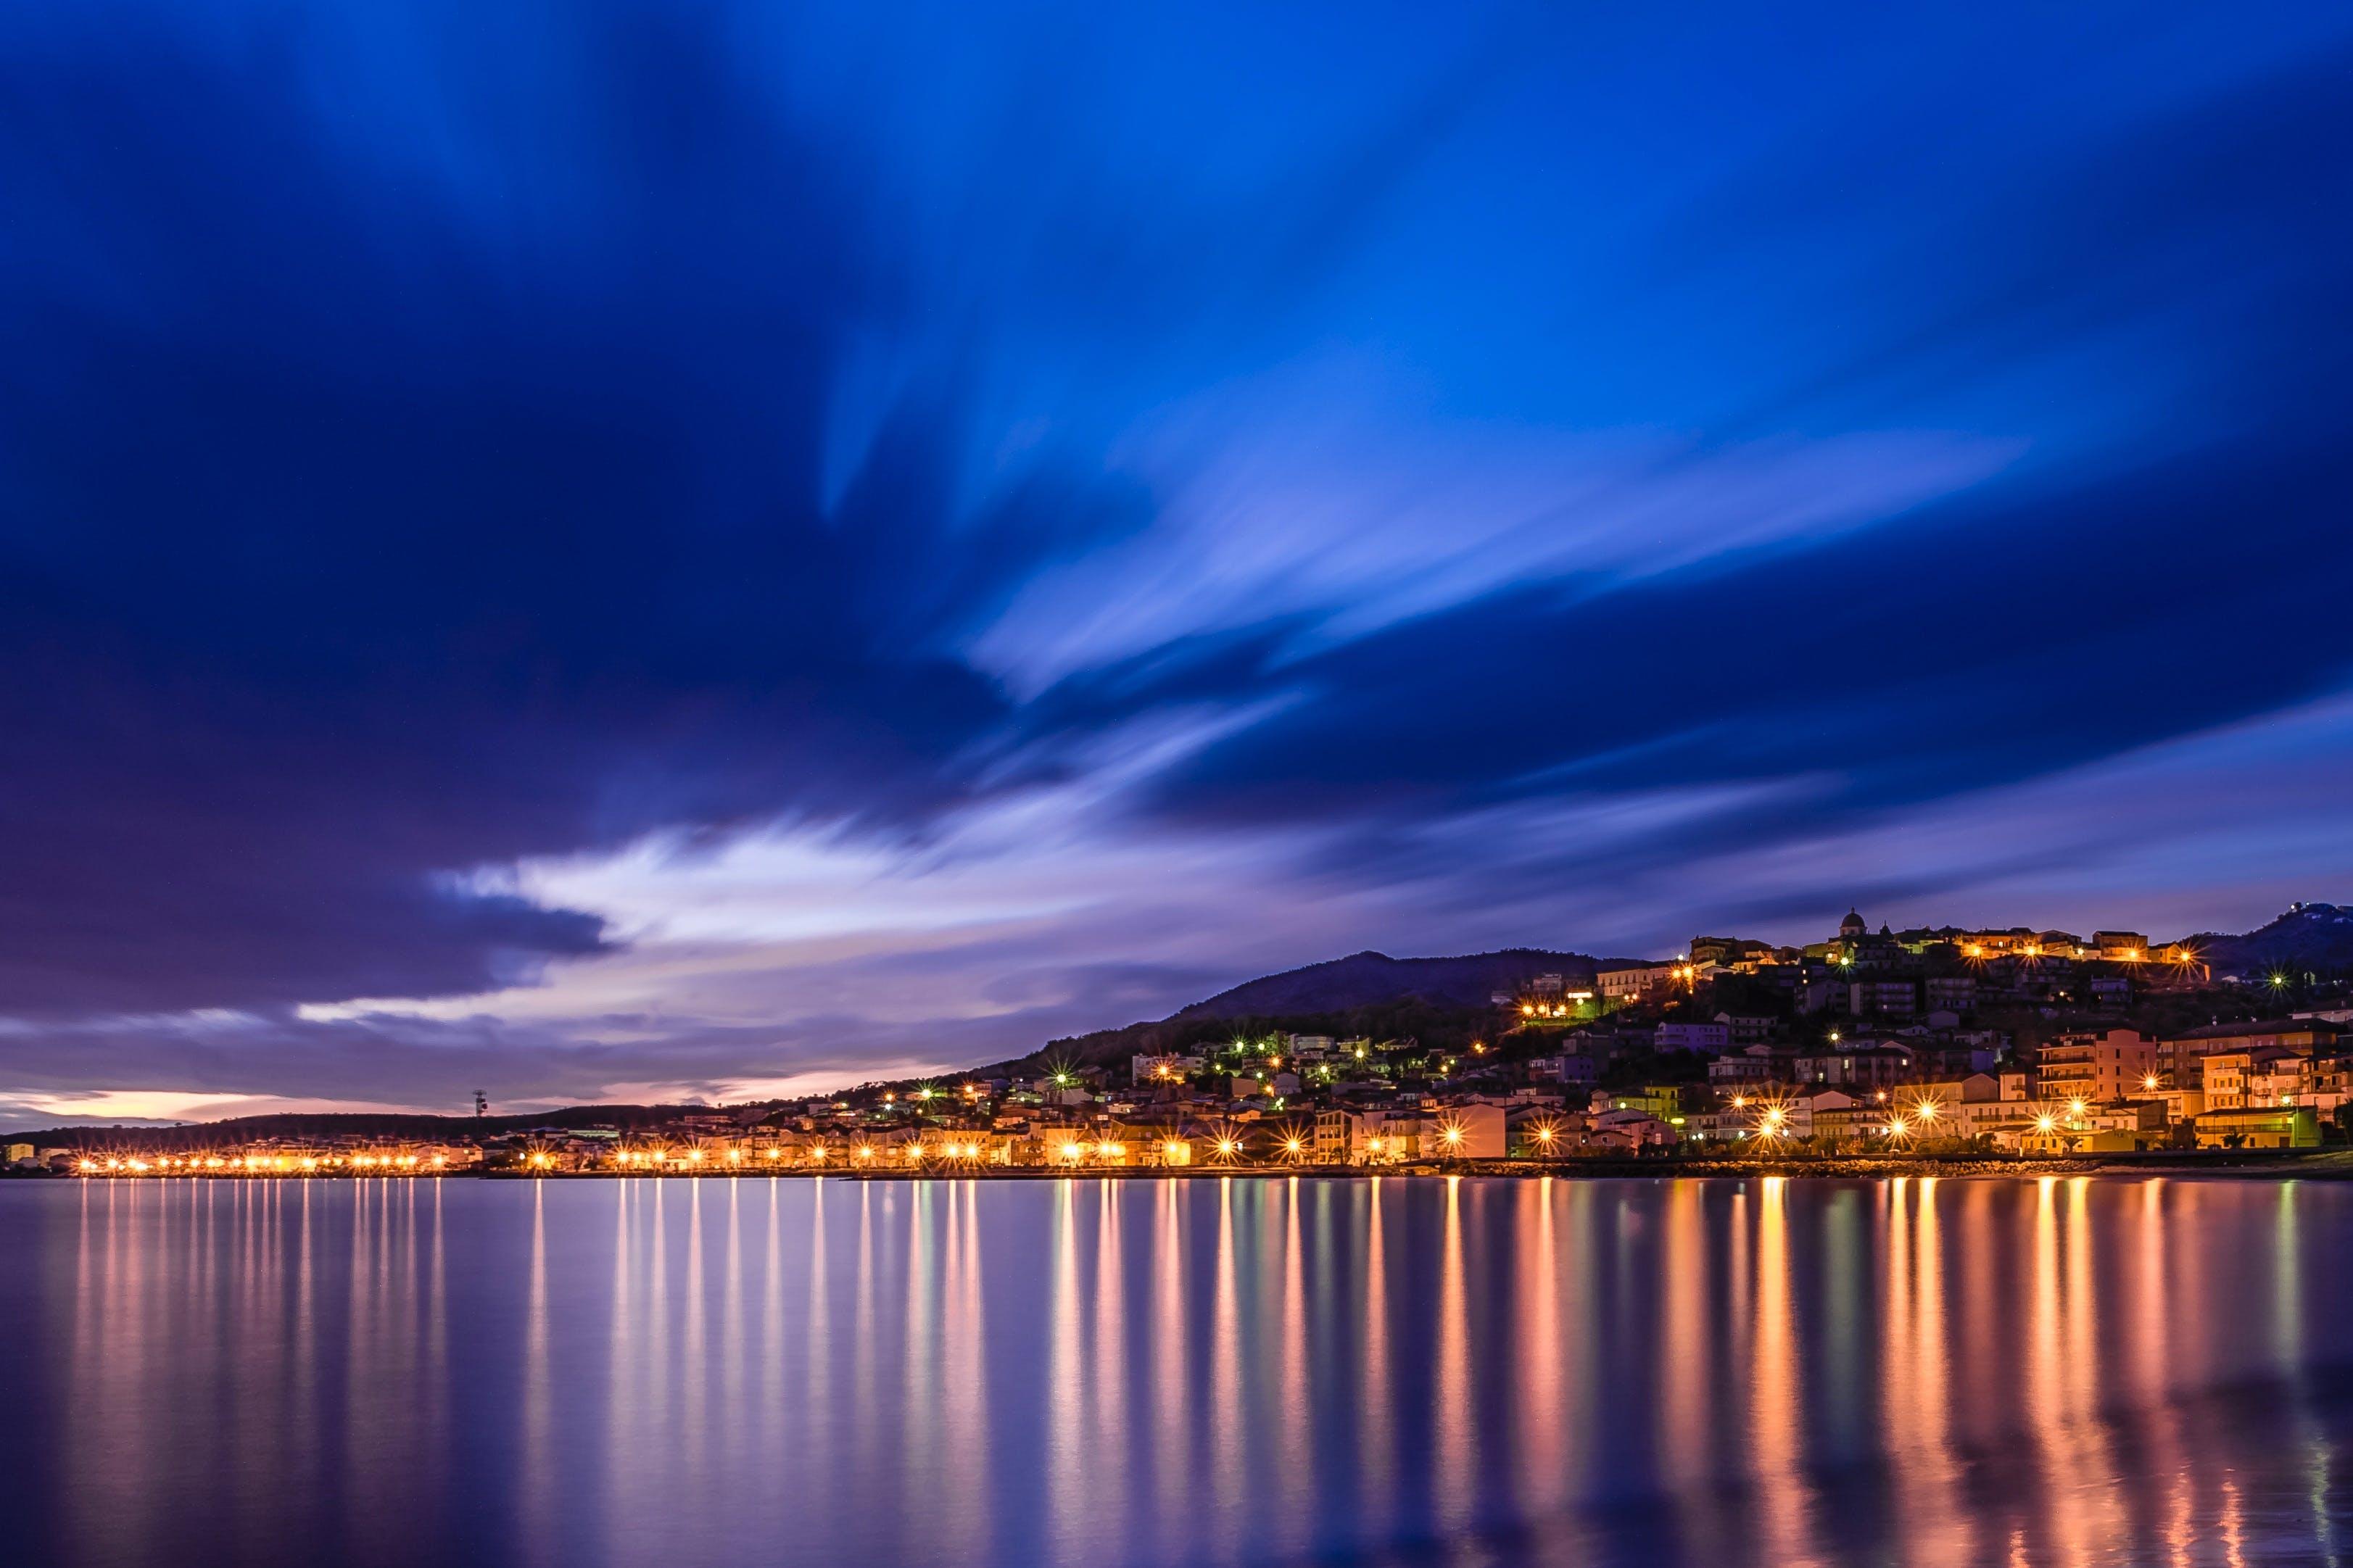 Fotos de stock gratuitas de agua, amanecer, cielo azul, ciudad